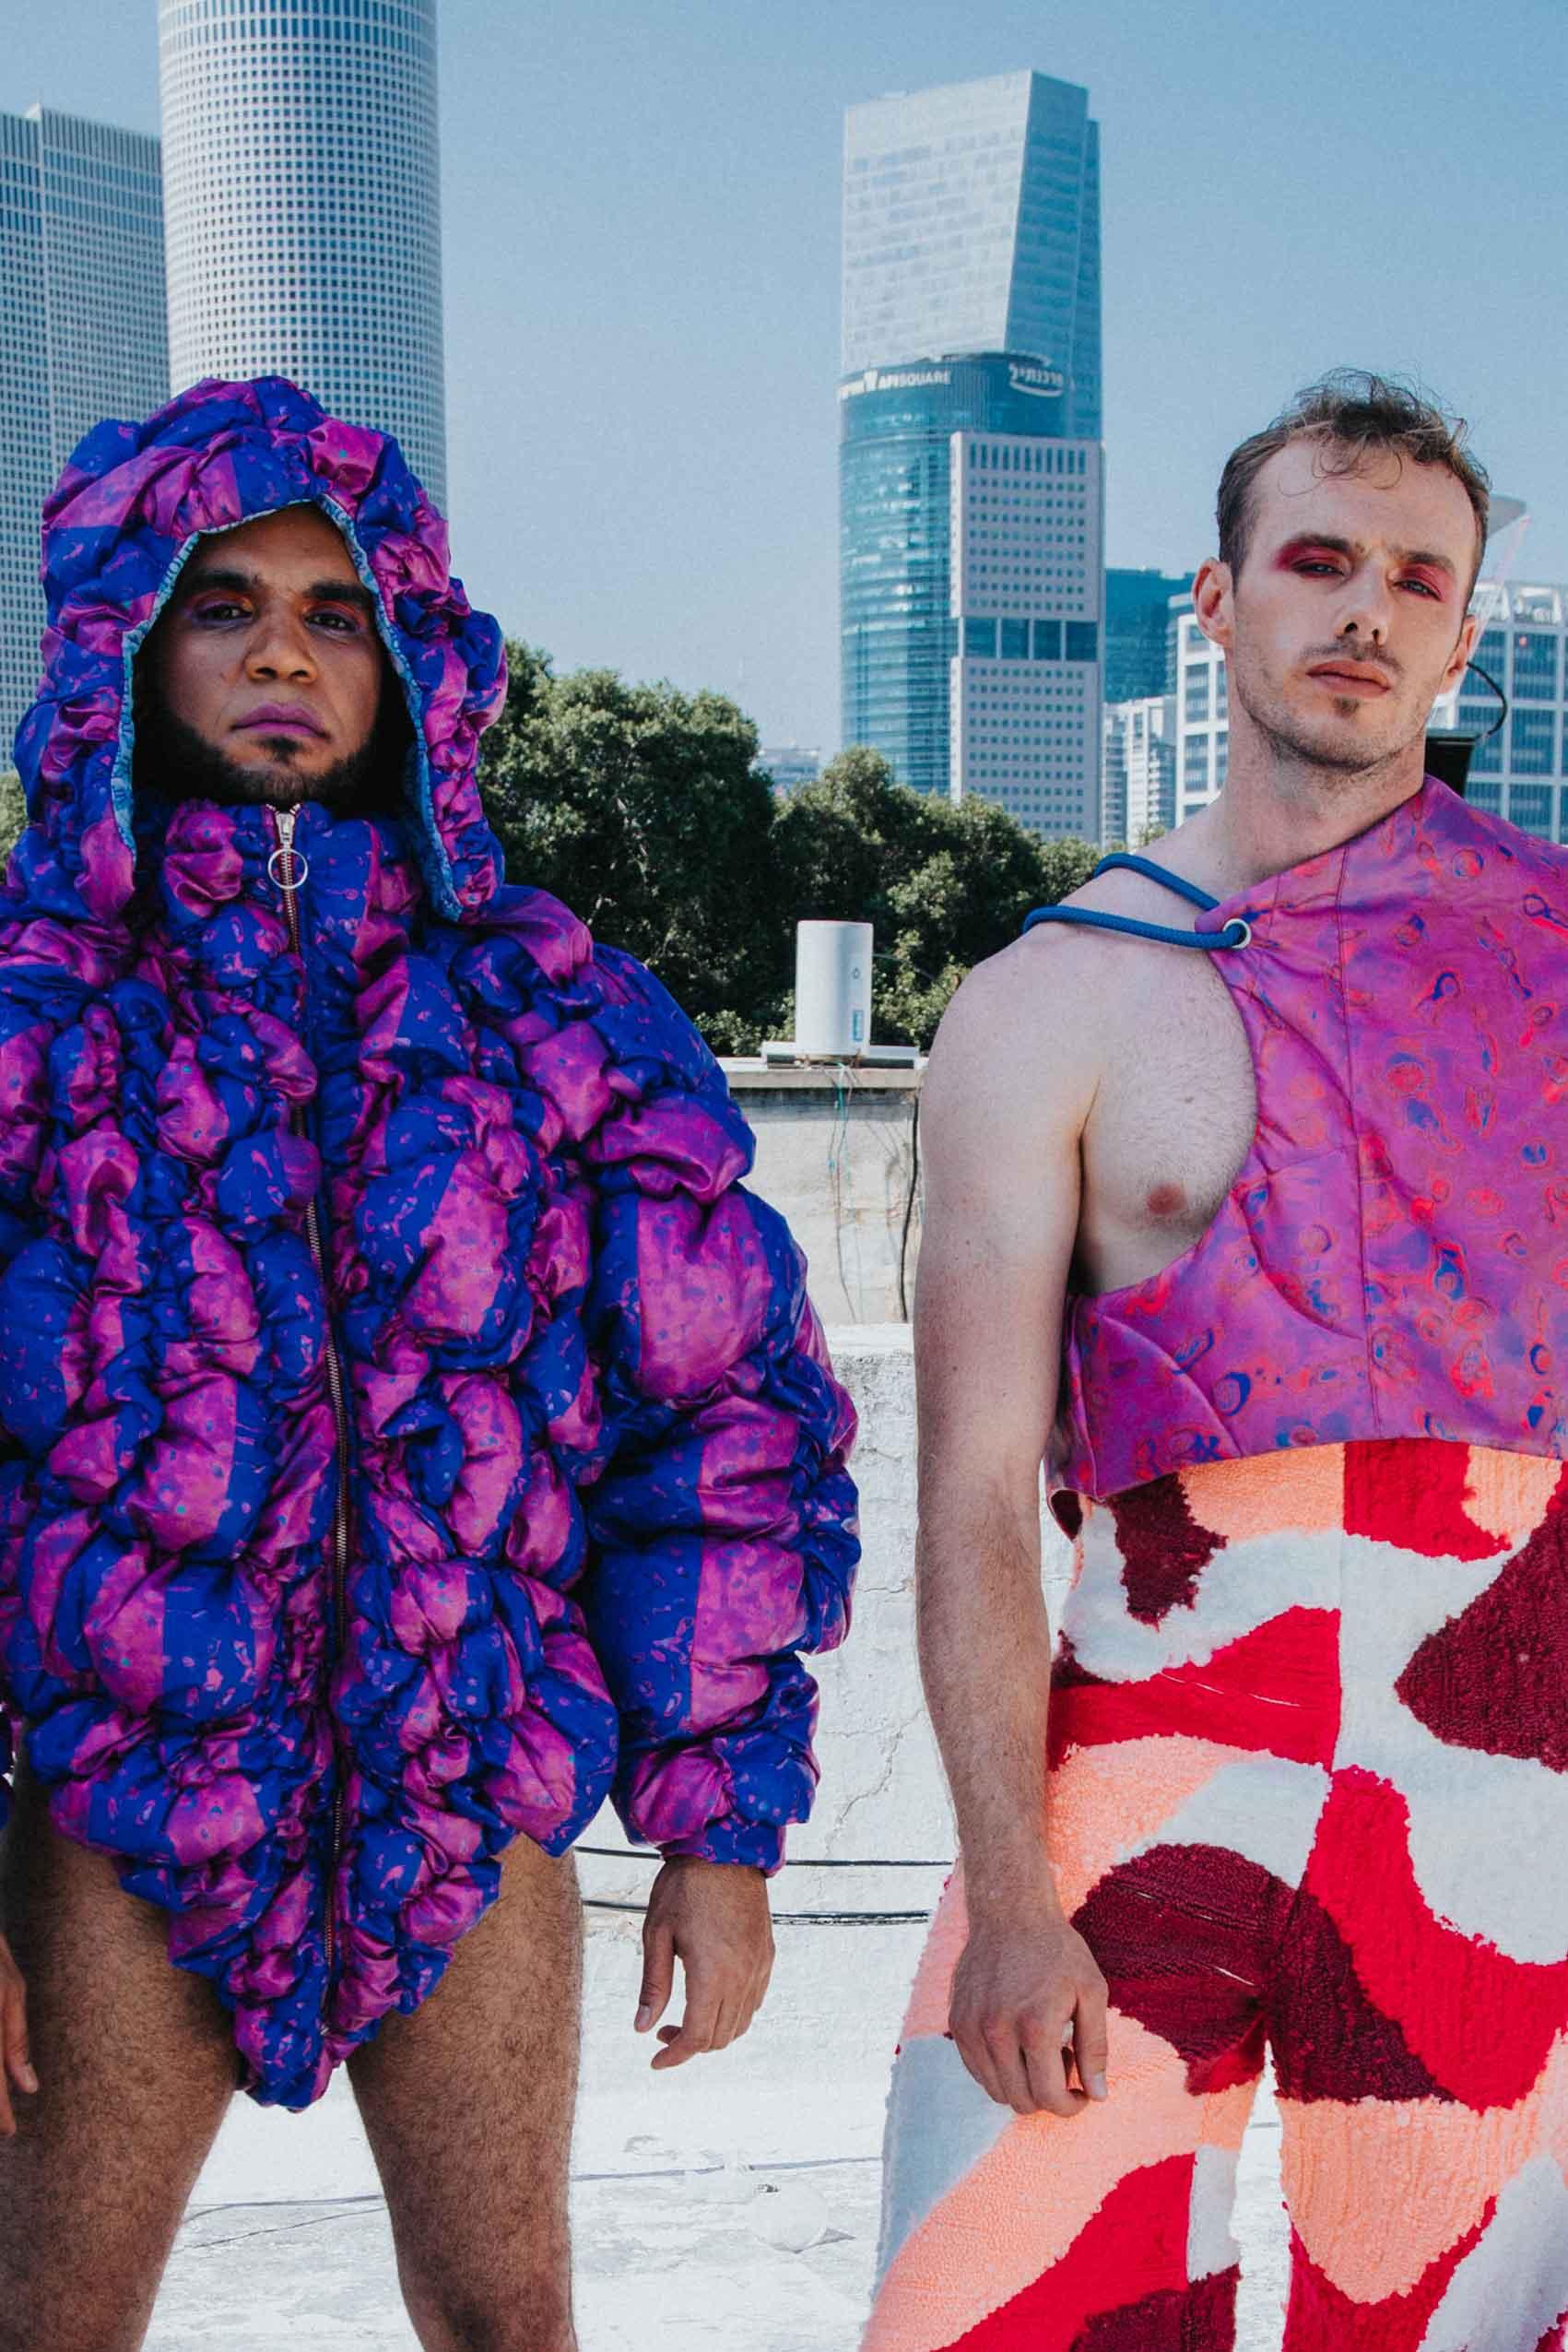 עיצוב-אופנה-סטייל-חדשות-אופנה-טרנדים-יהונתן-שלמה-פישר-בצלאל-מגזין-אופנה-חדשות-האופנה-כתבות